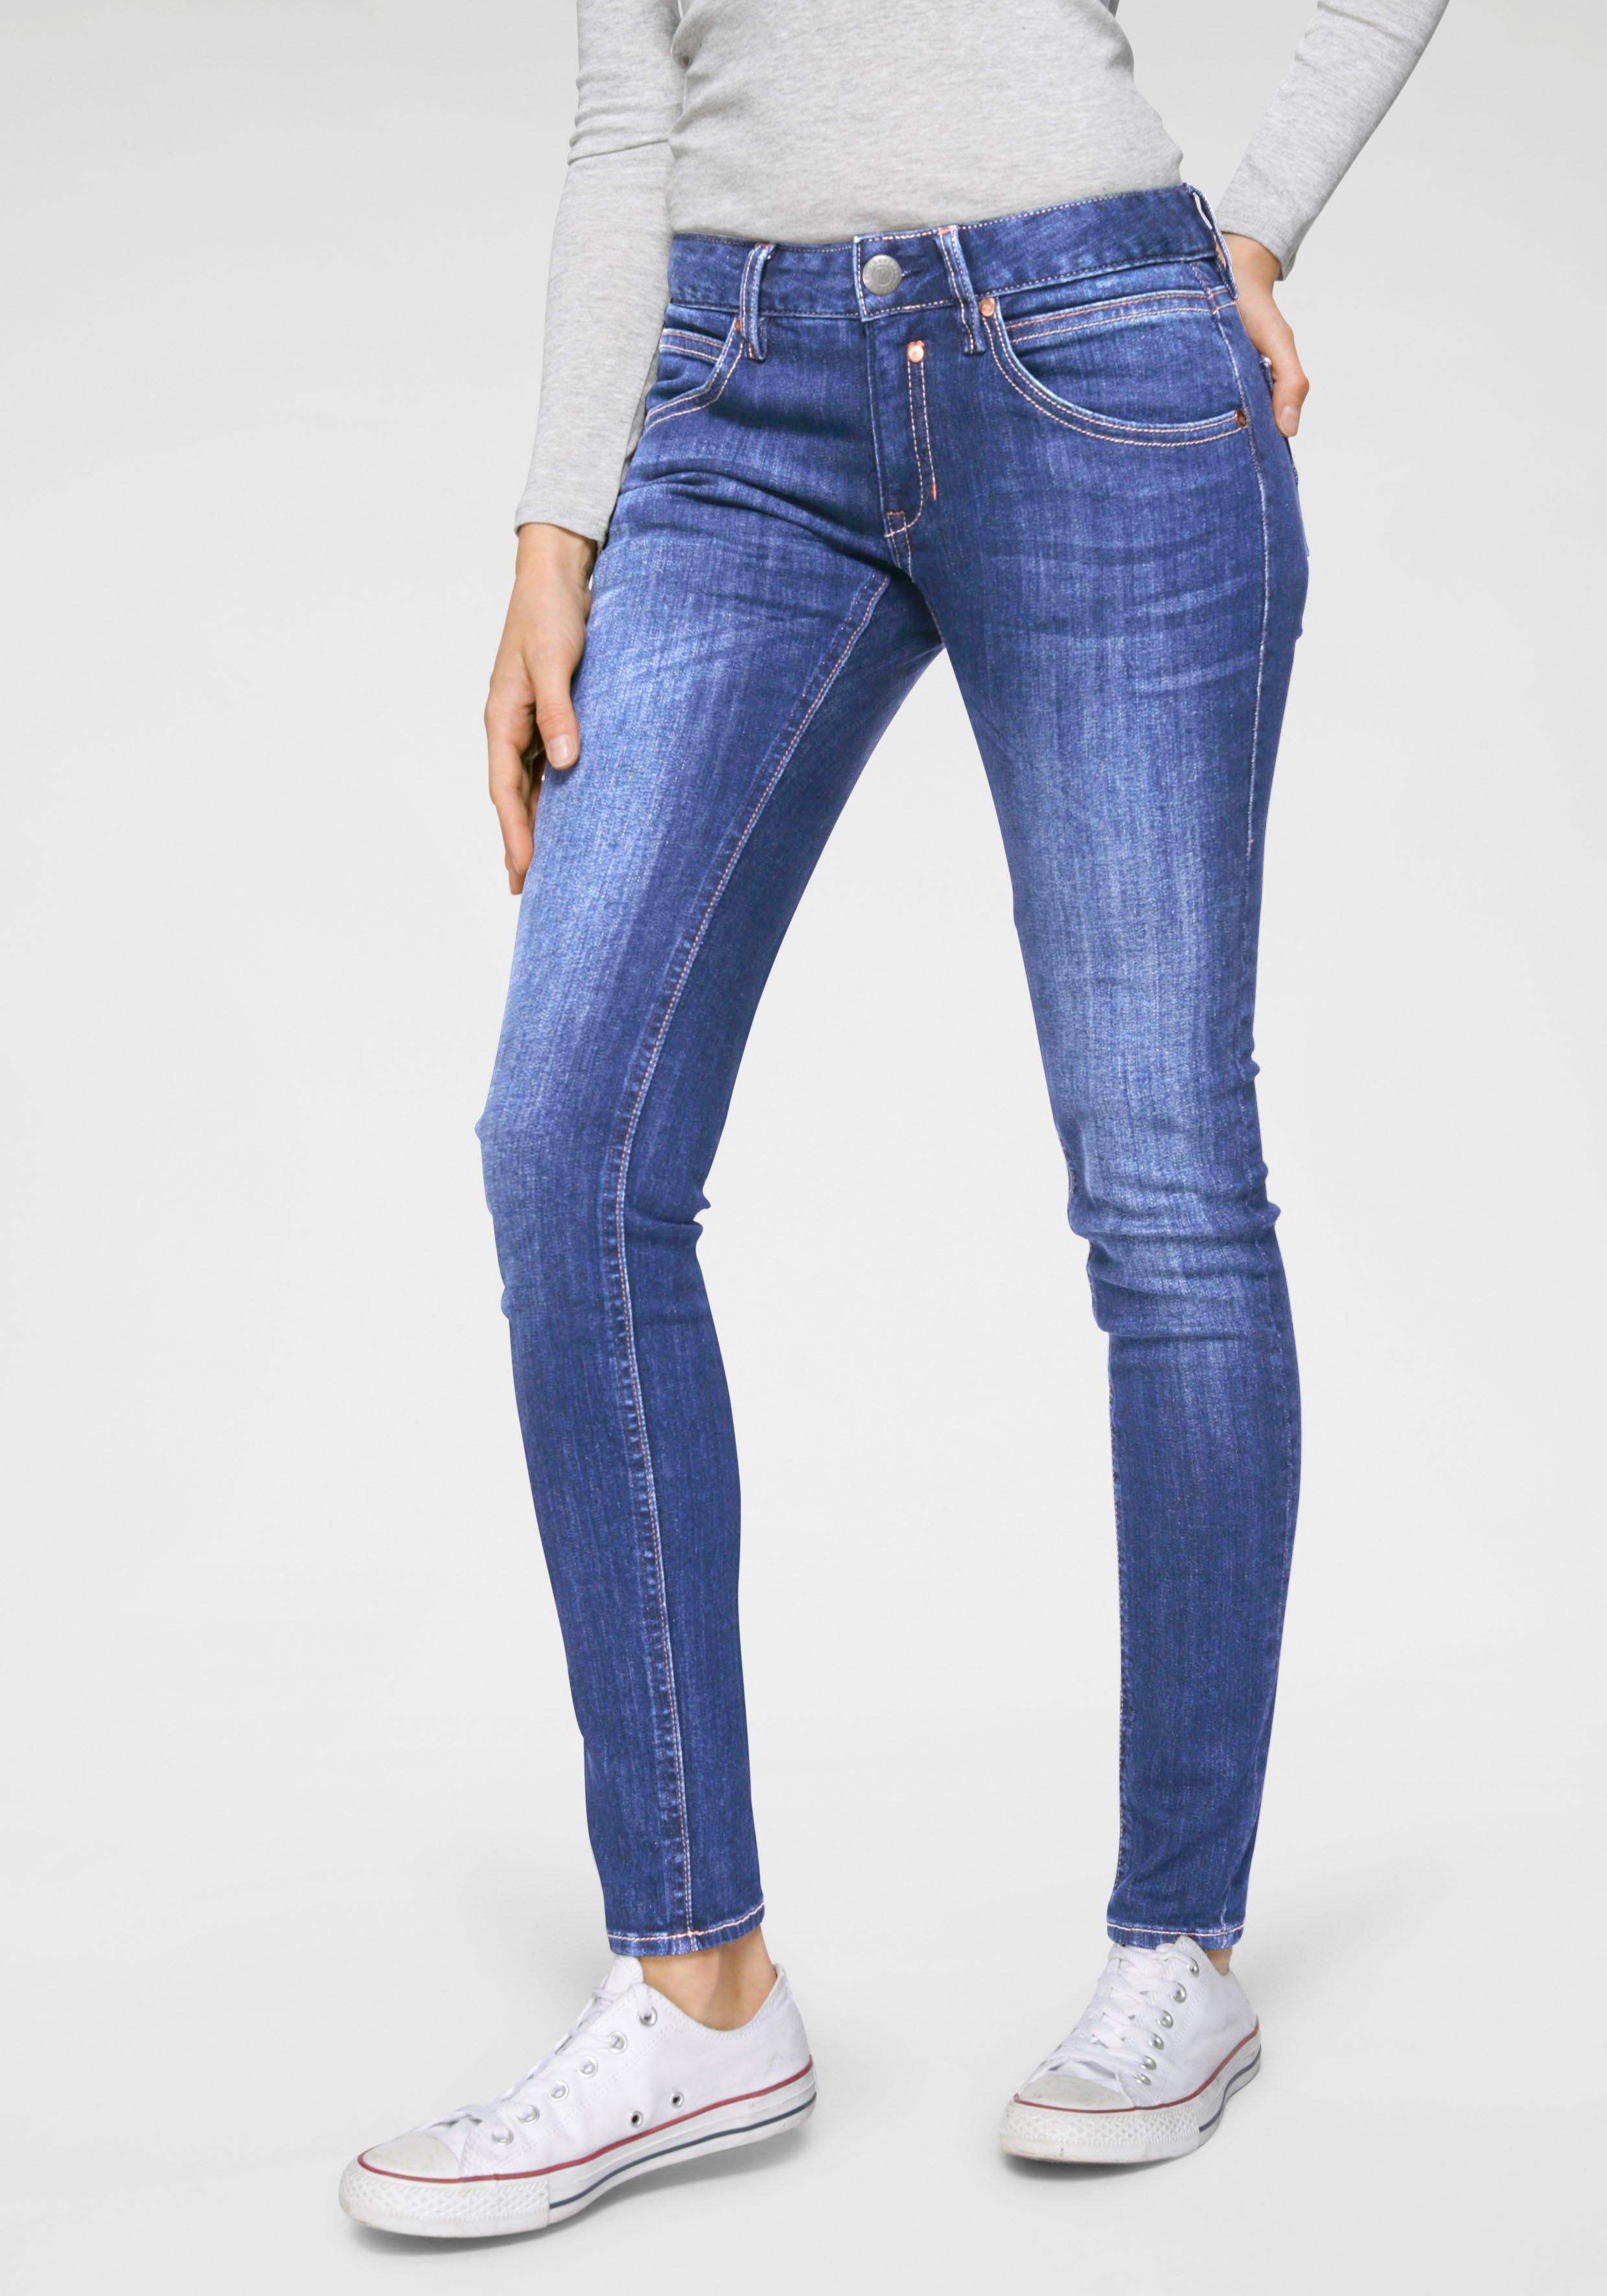 Herrlicher slim fit jeans »TOSH-SLIM« bestellen: 30 dagen bedenktijd